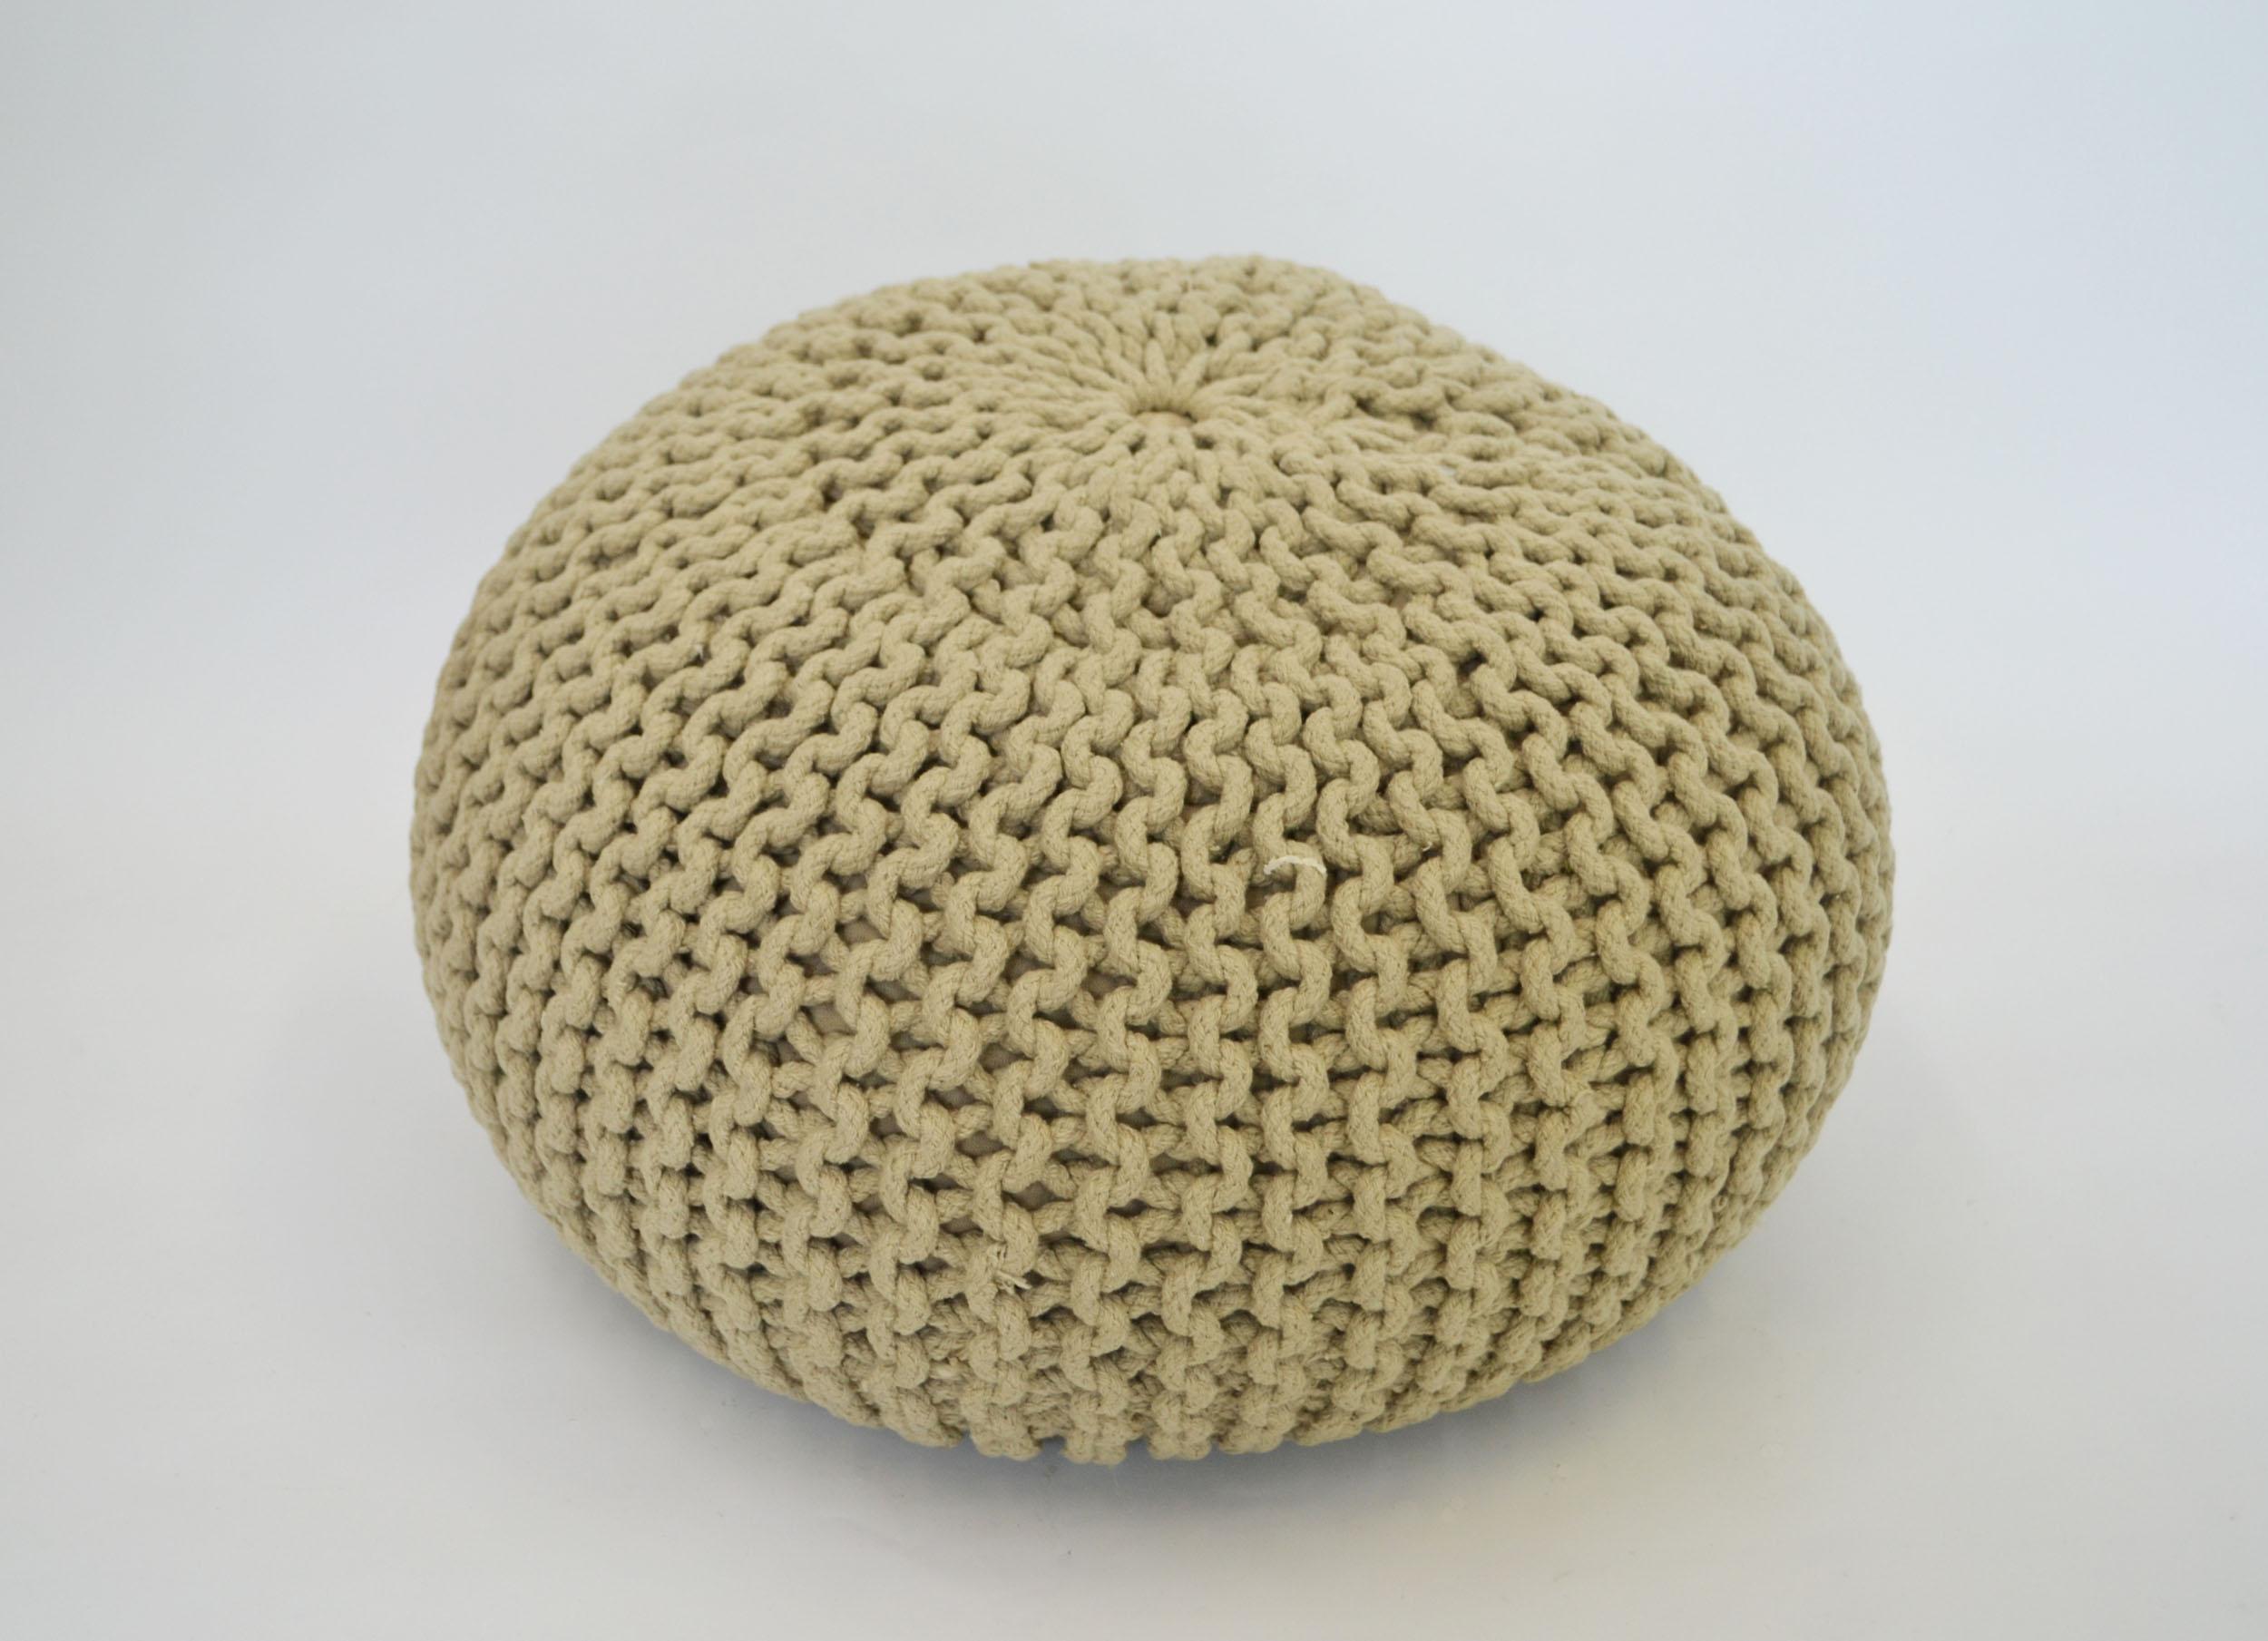 knit tan POUF   QUANTITY: 1  PRICE: $25.00